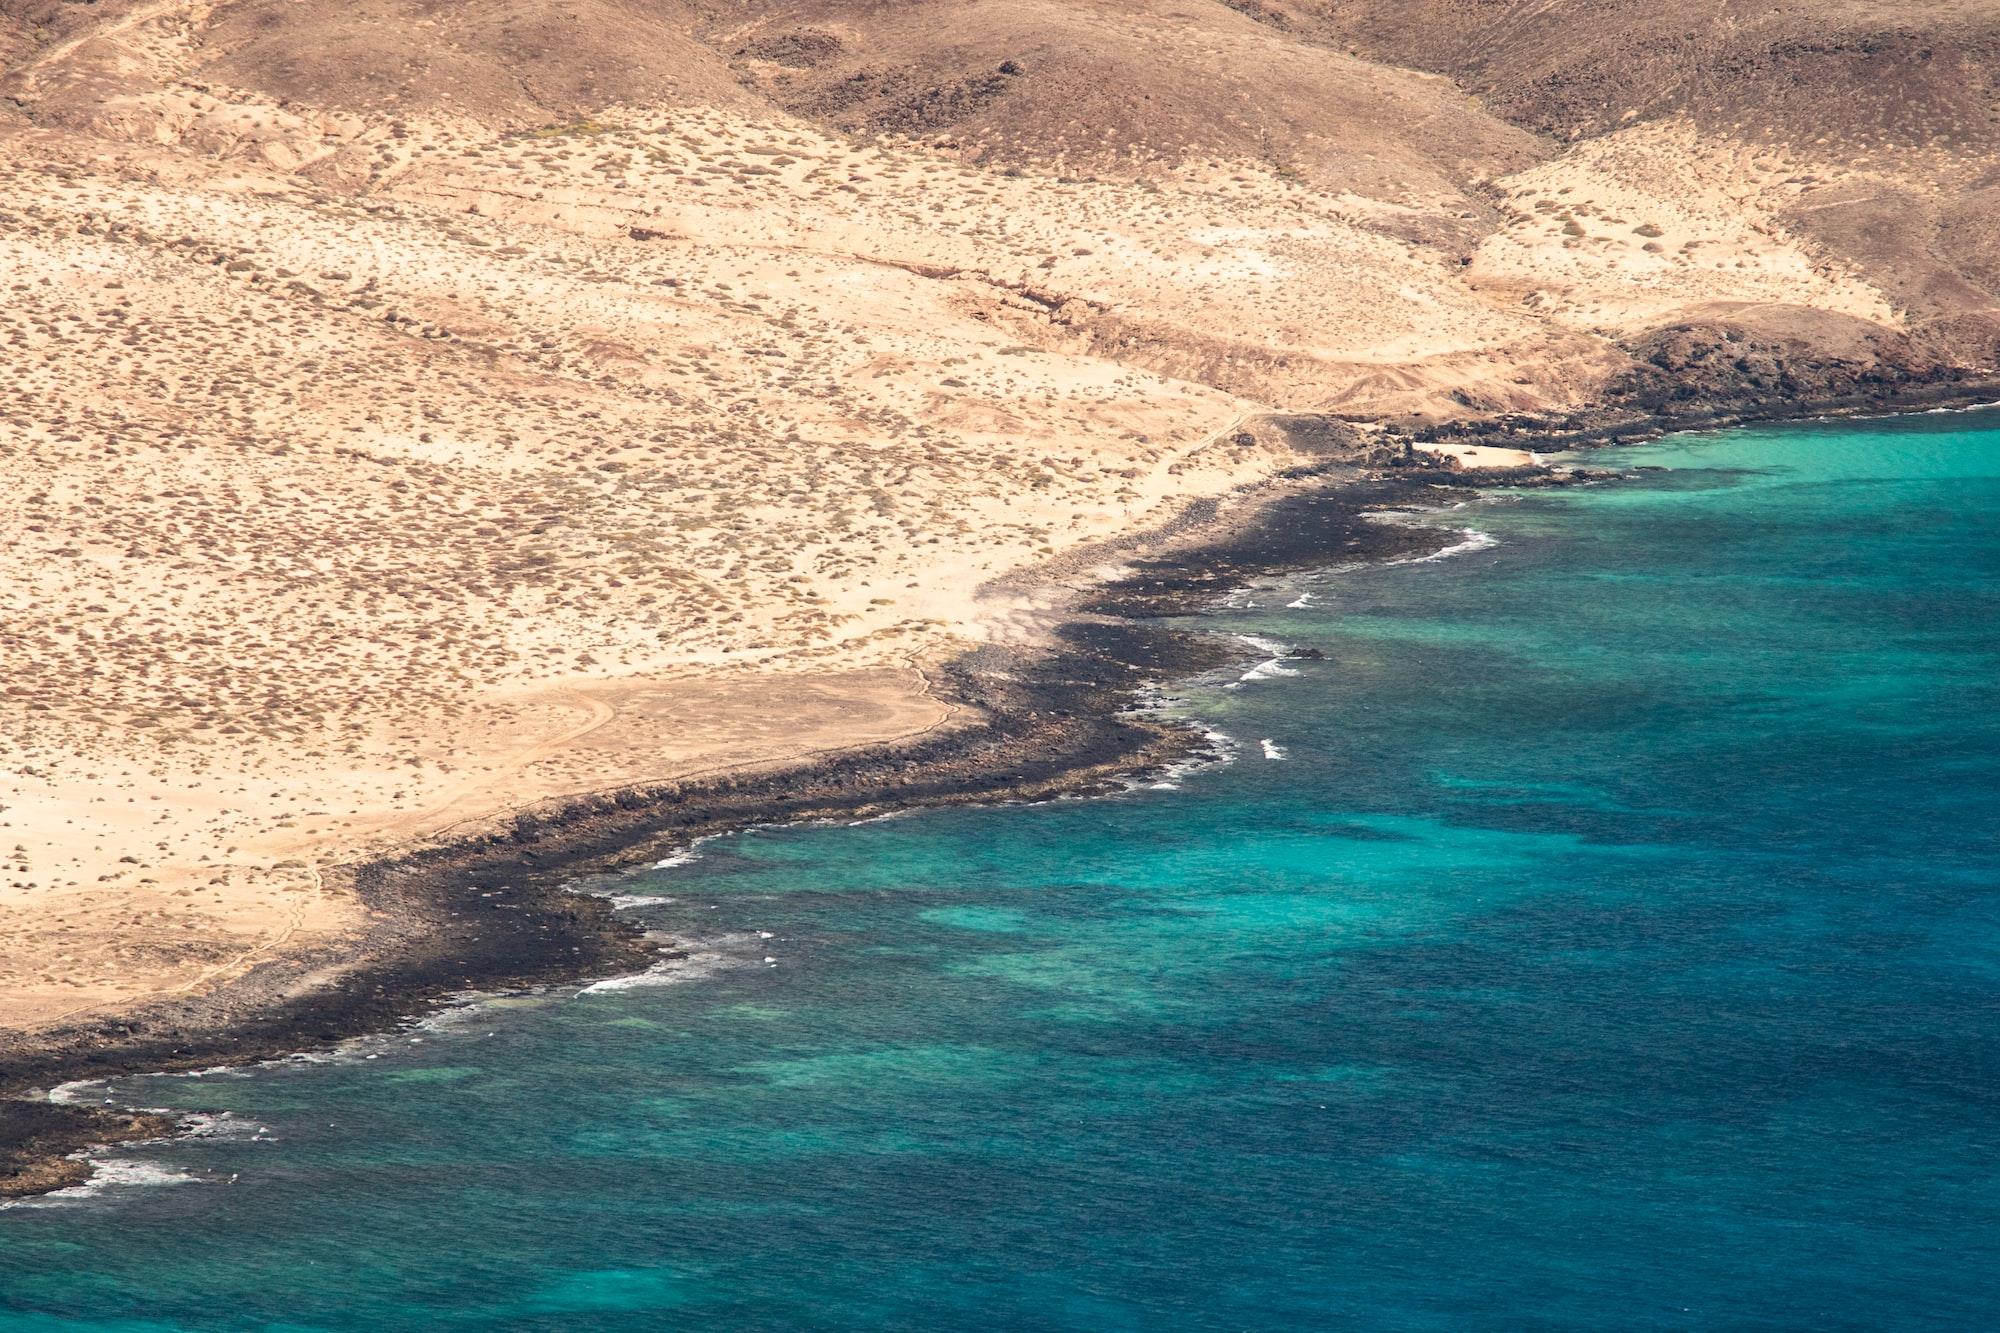 Manrique's mirador view on Lanzarote island